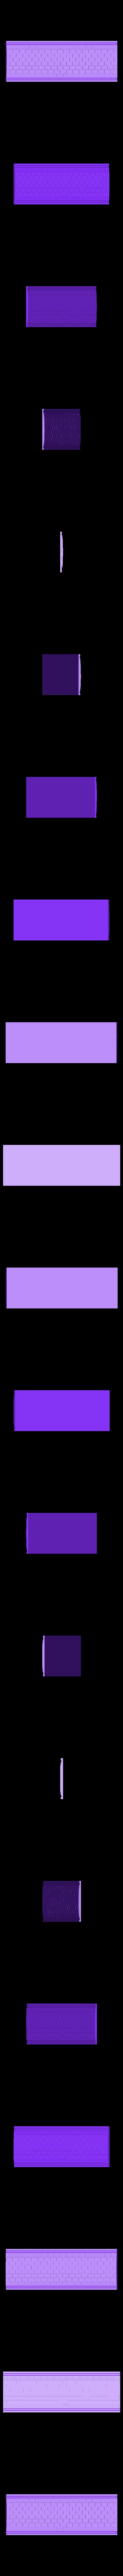 a_n_lstr_1.stl Télécharger fichier STL gratuit ROUTE - Ancien et neuf - Partie A • Design pour impression 3D, Earsling